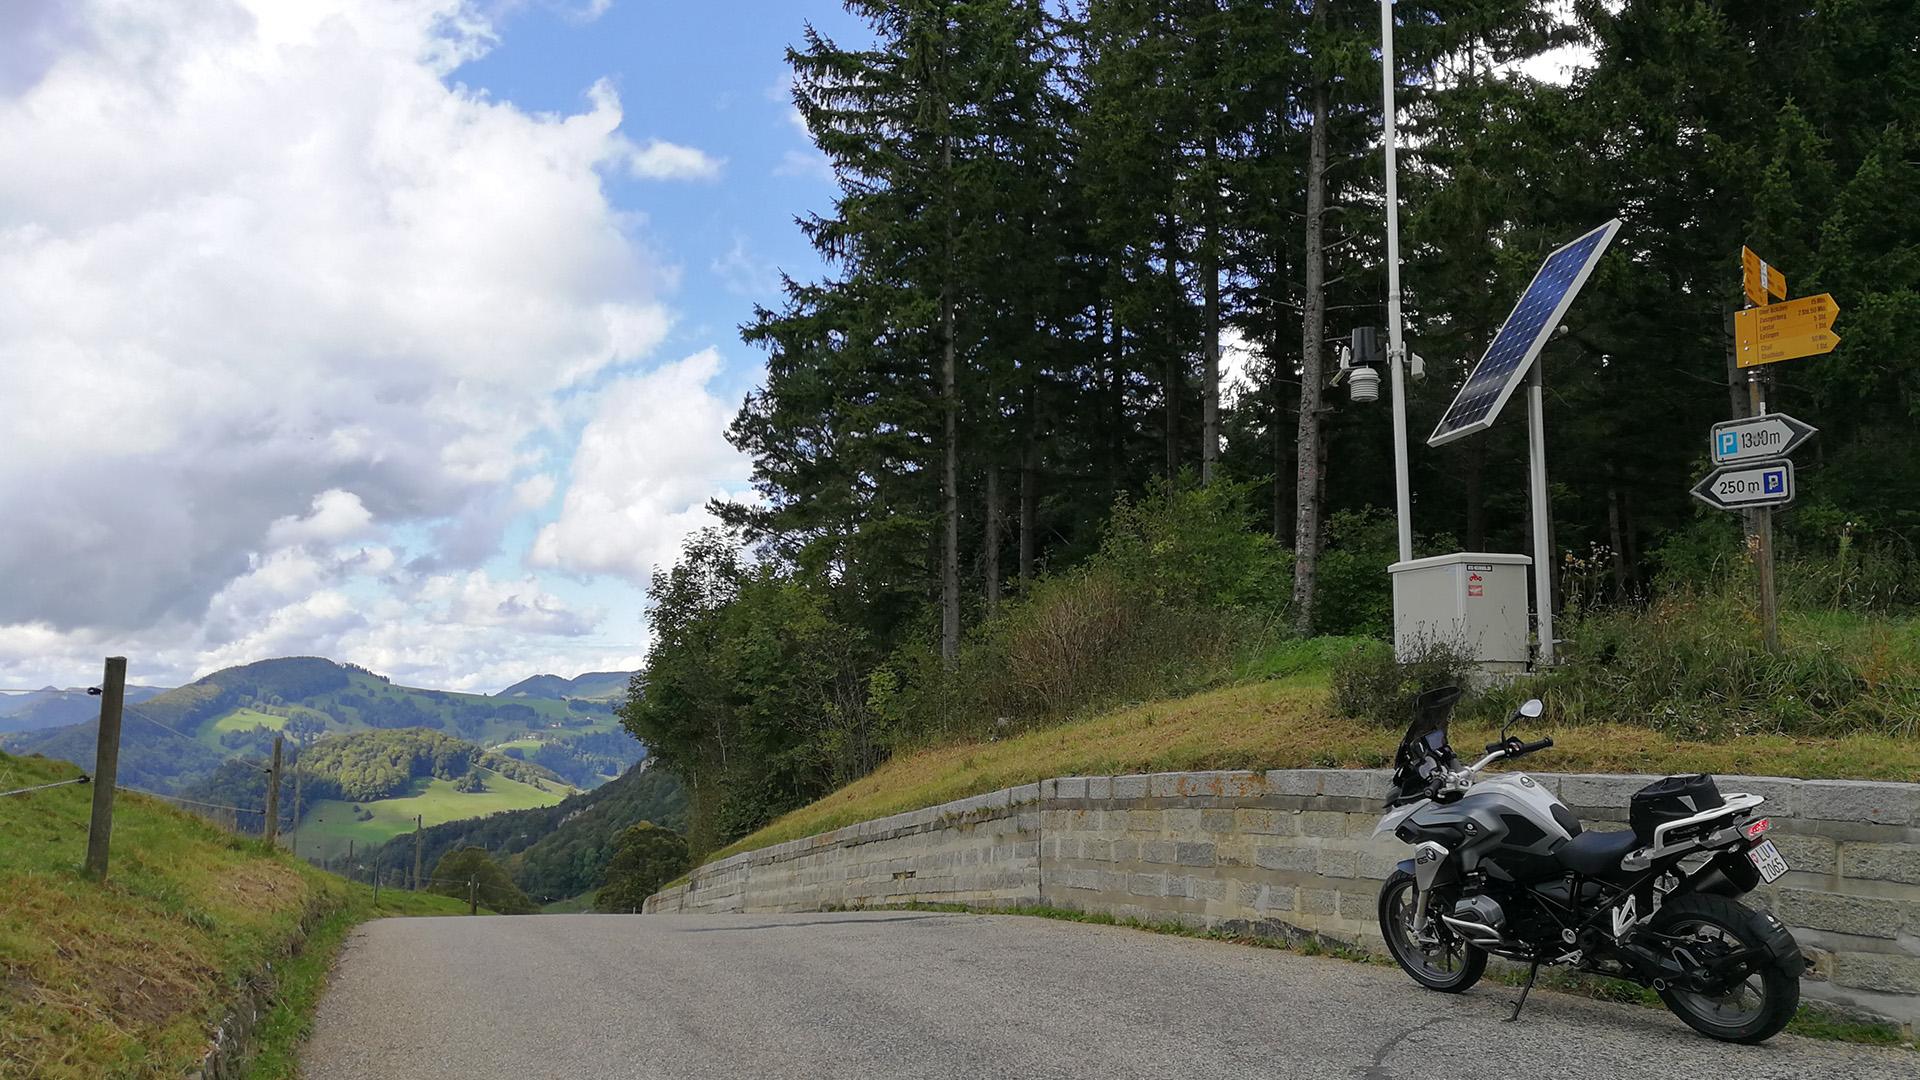 0991 - CH - Chilchzimmersattel (Belchen-Pass, Bölchen)